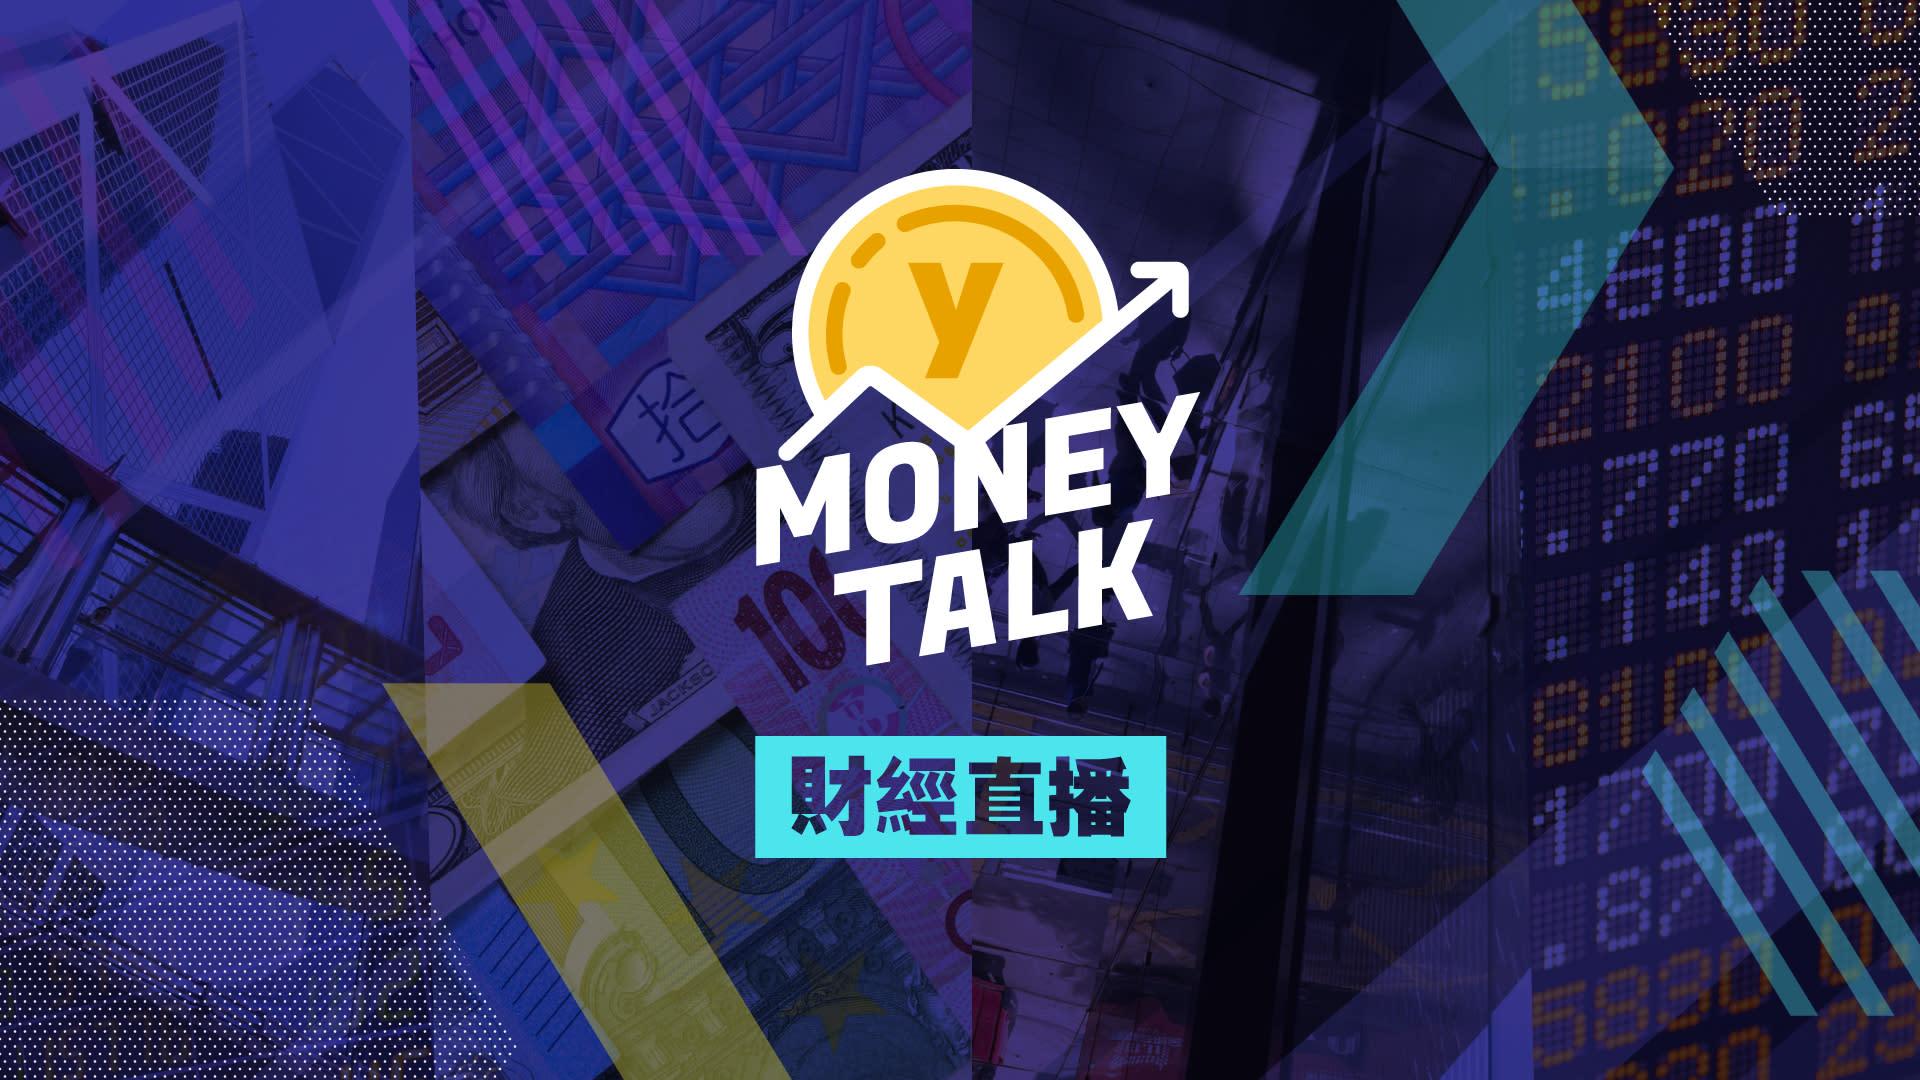 【MoneyTalk】美股先跌後回穩 留意抗病毒概念股?